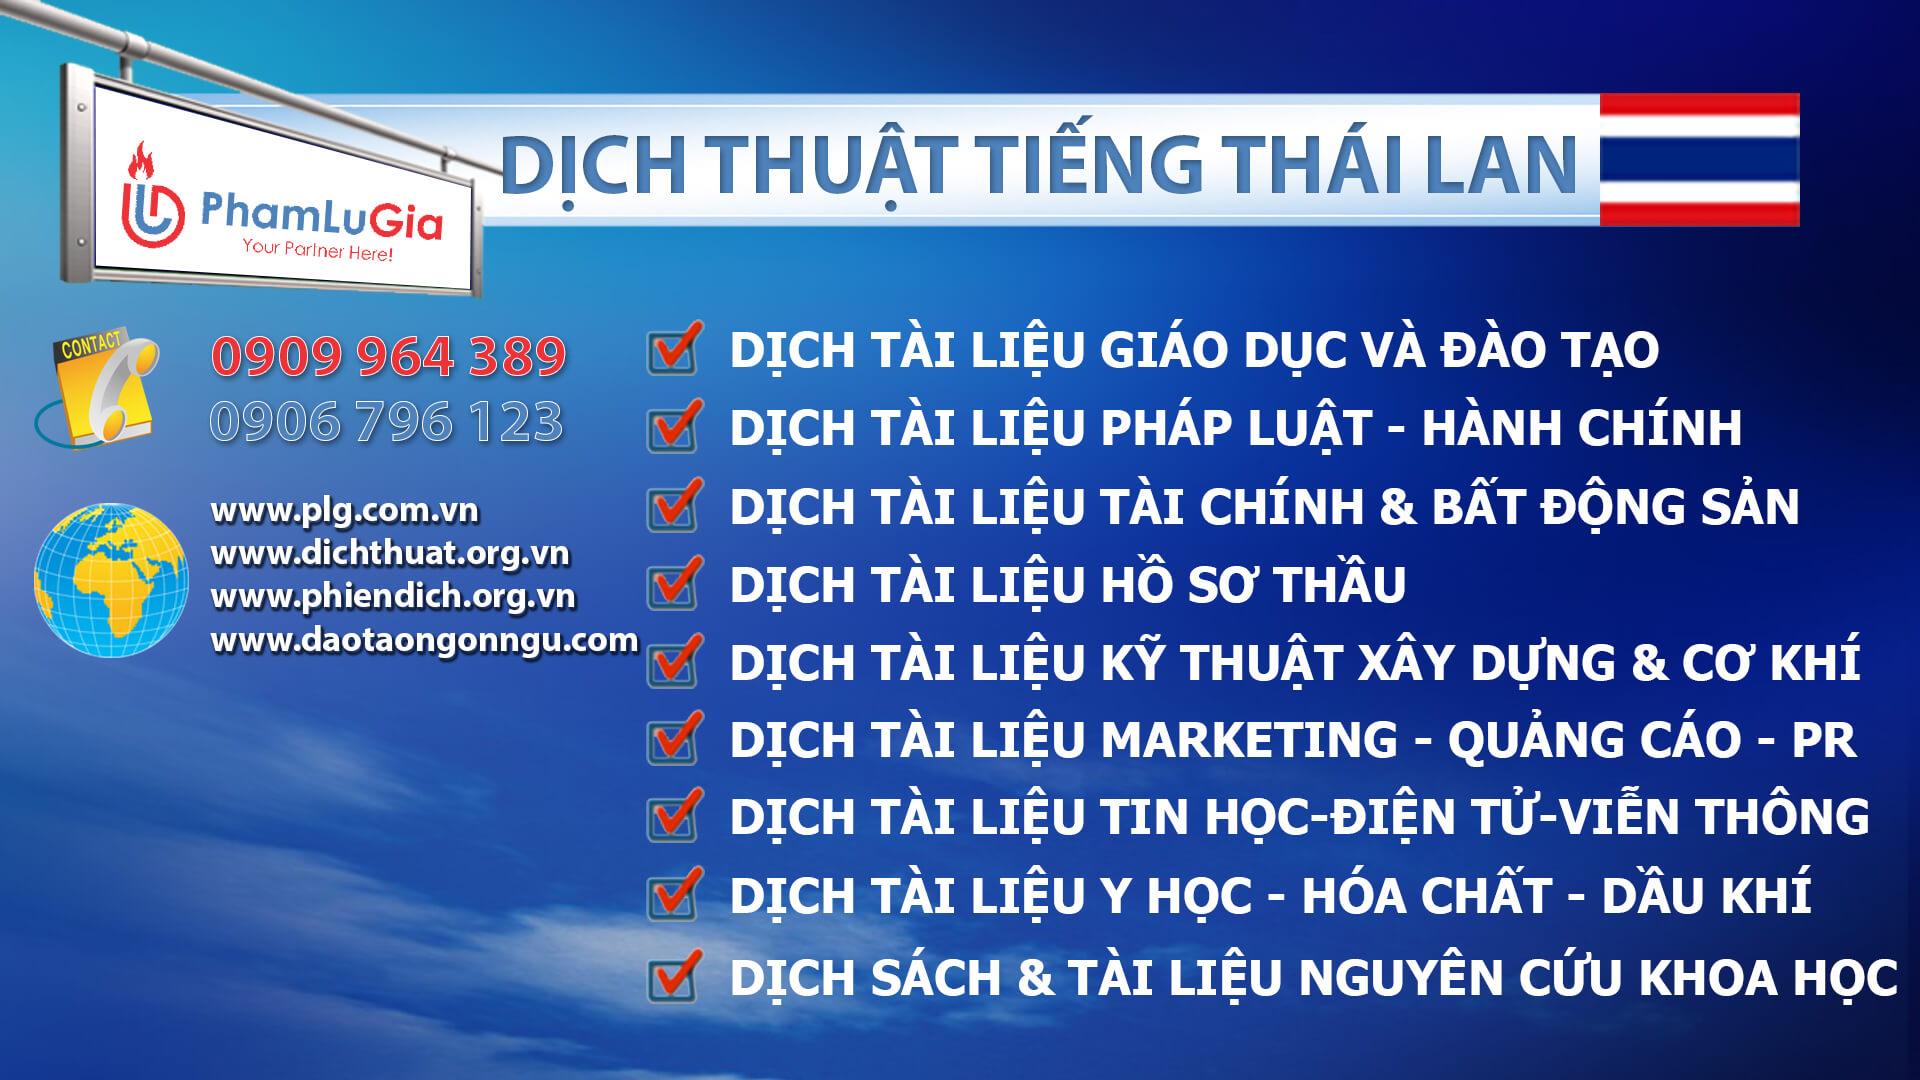 Dịch thuật tiếng Thái chuẩn